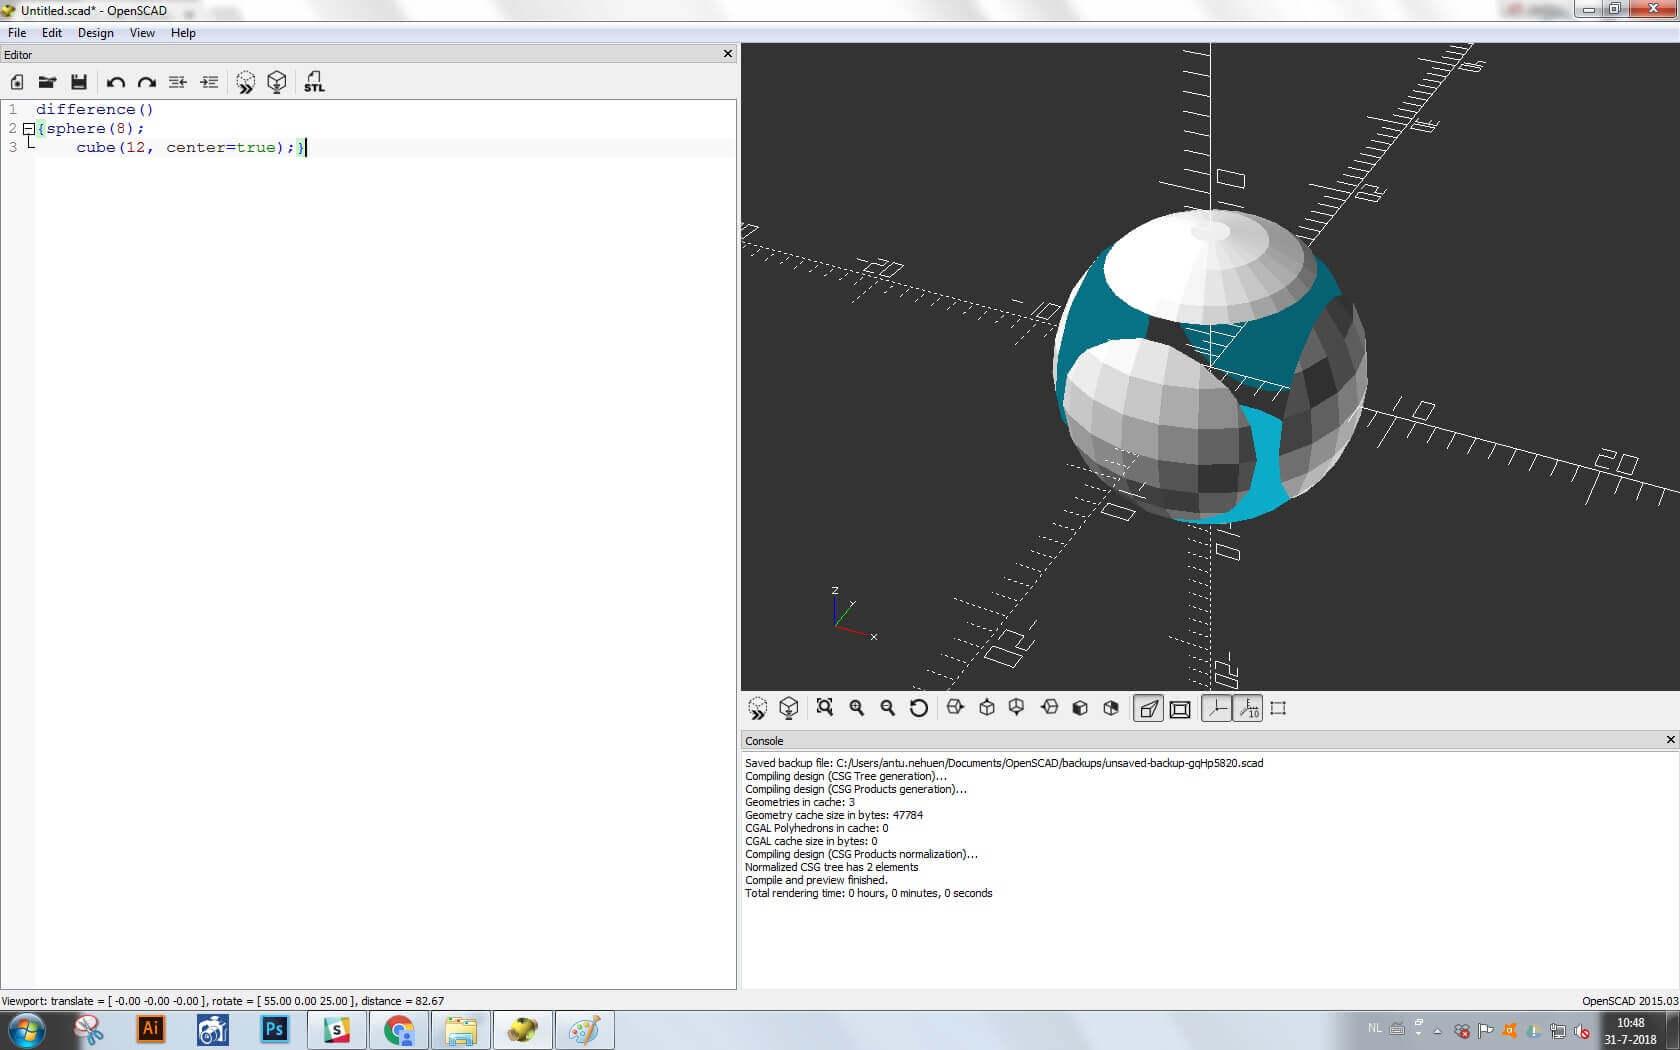 openscad_img_19.jpg